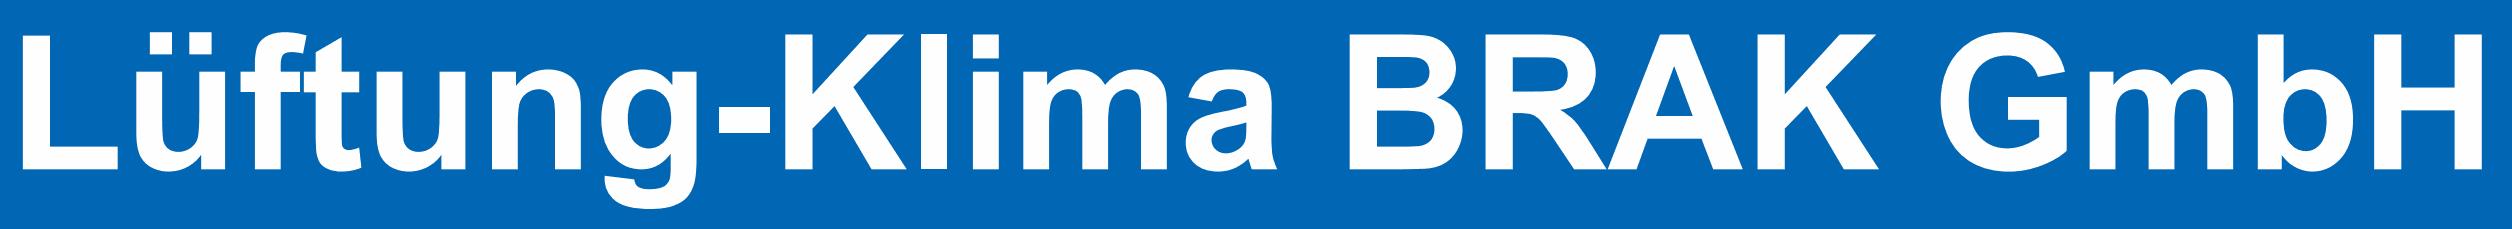 Lüftung-Klima BRAK GmbH